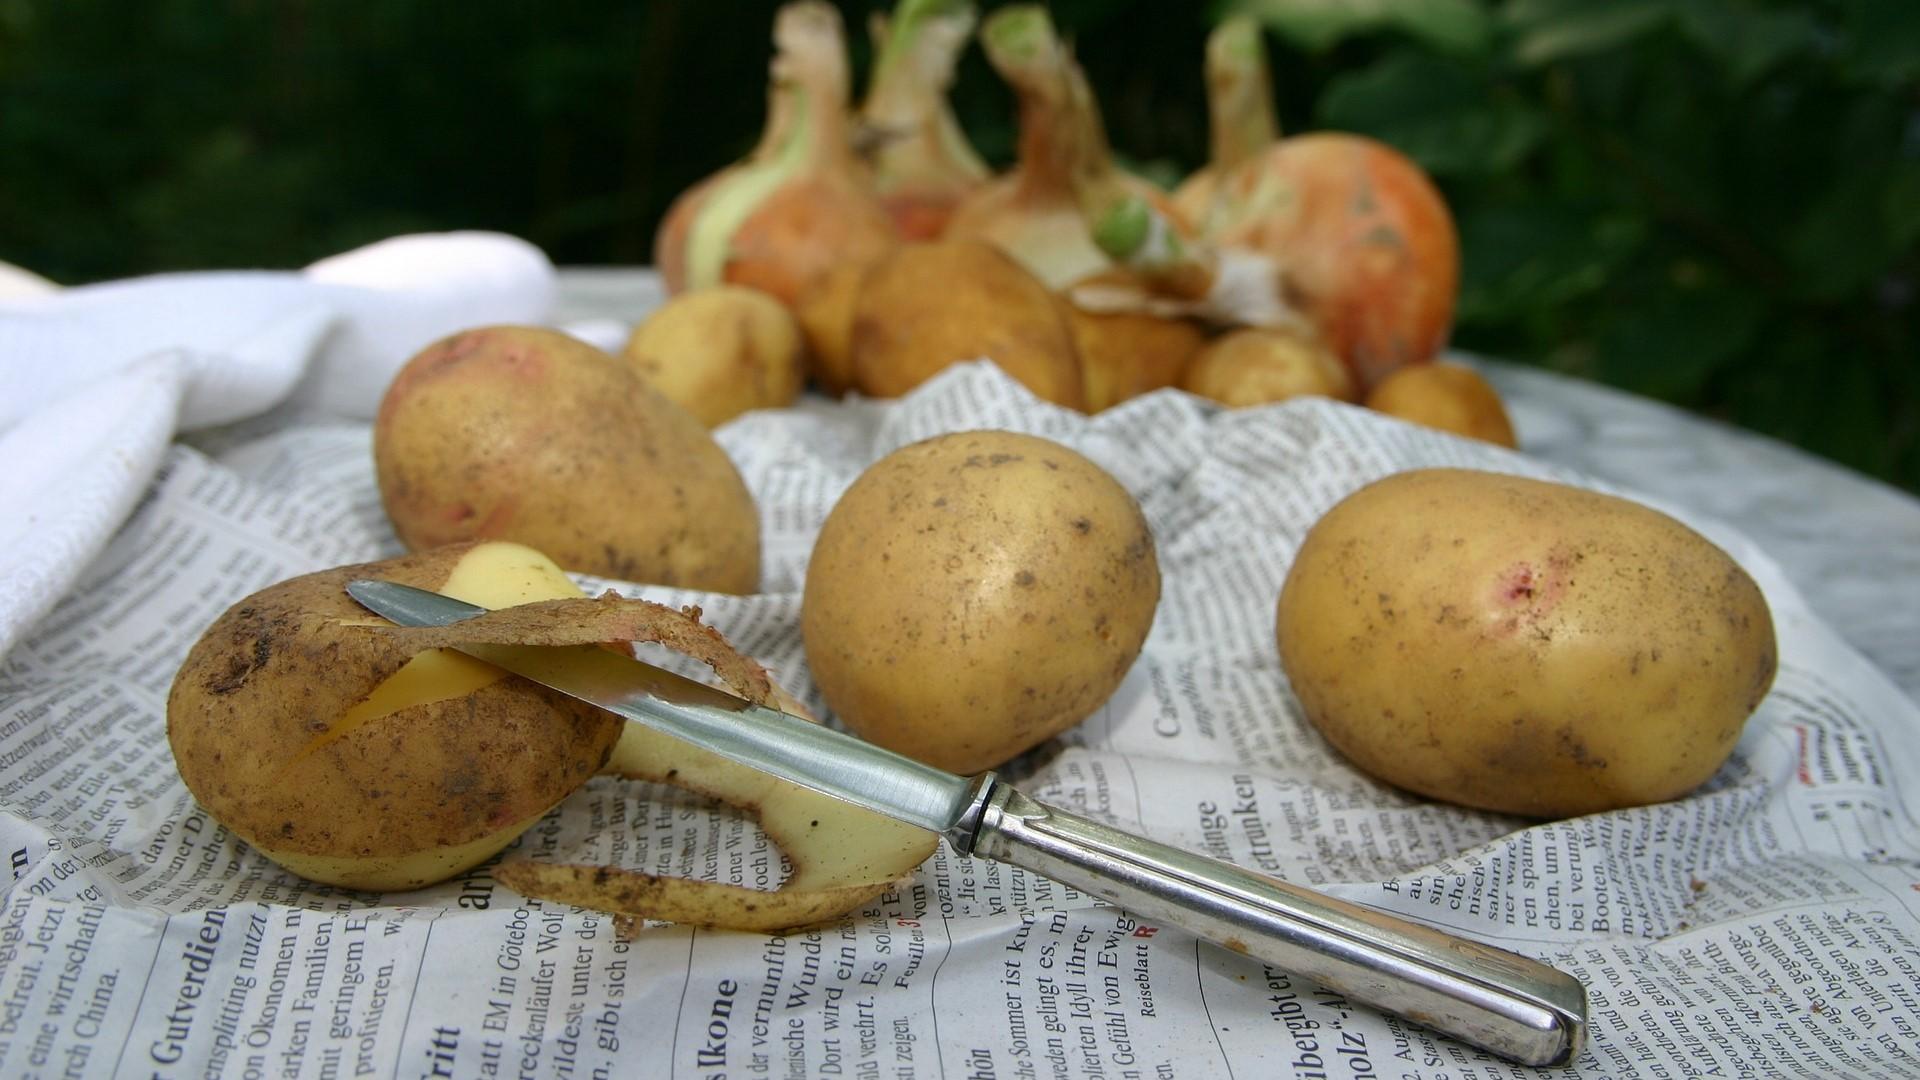 Kartoffeln kochen putzen hilfreiche Tipps